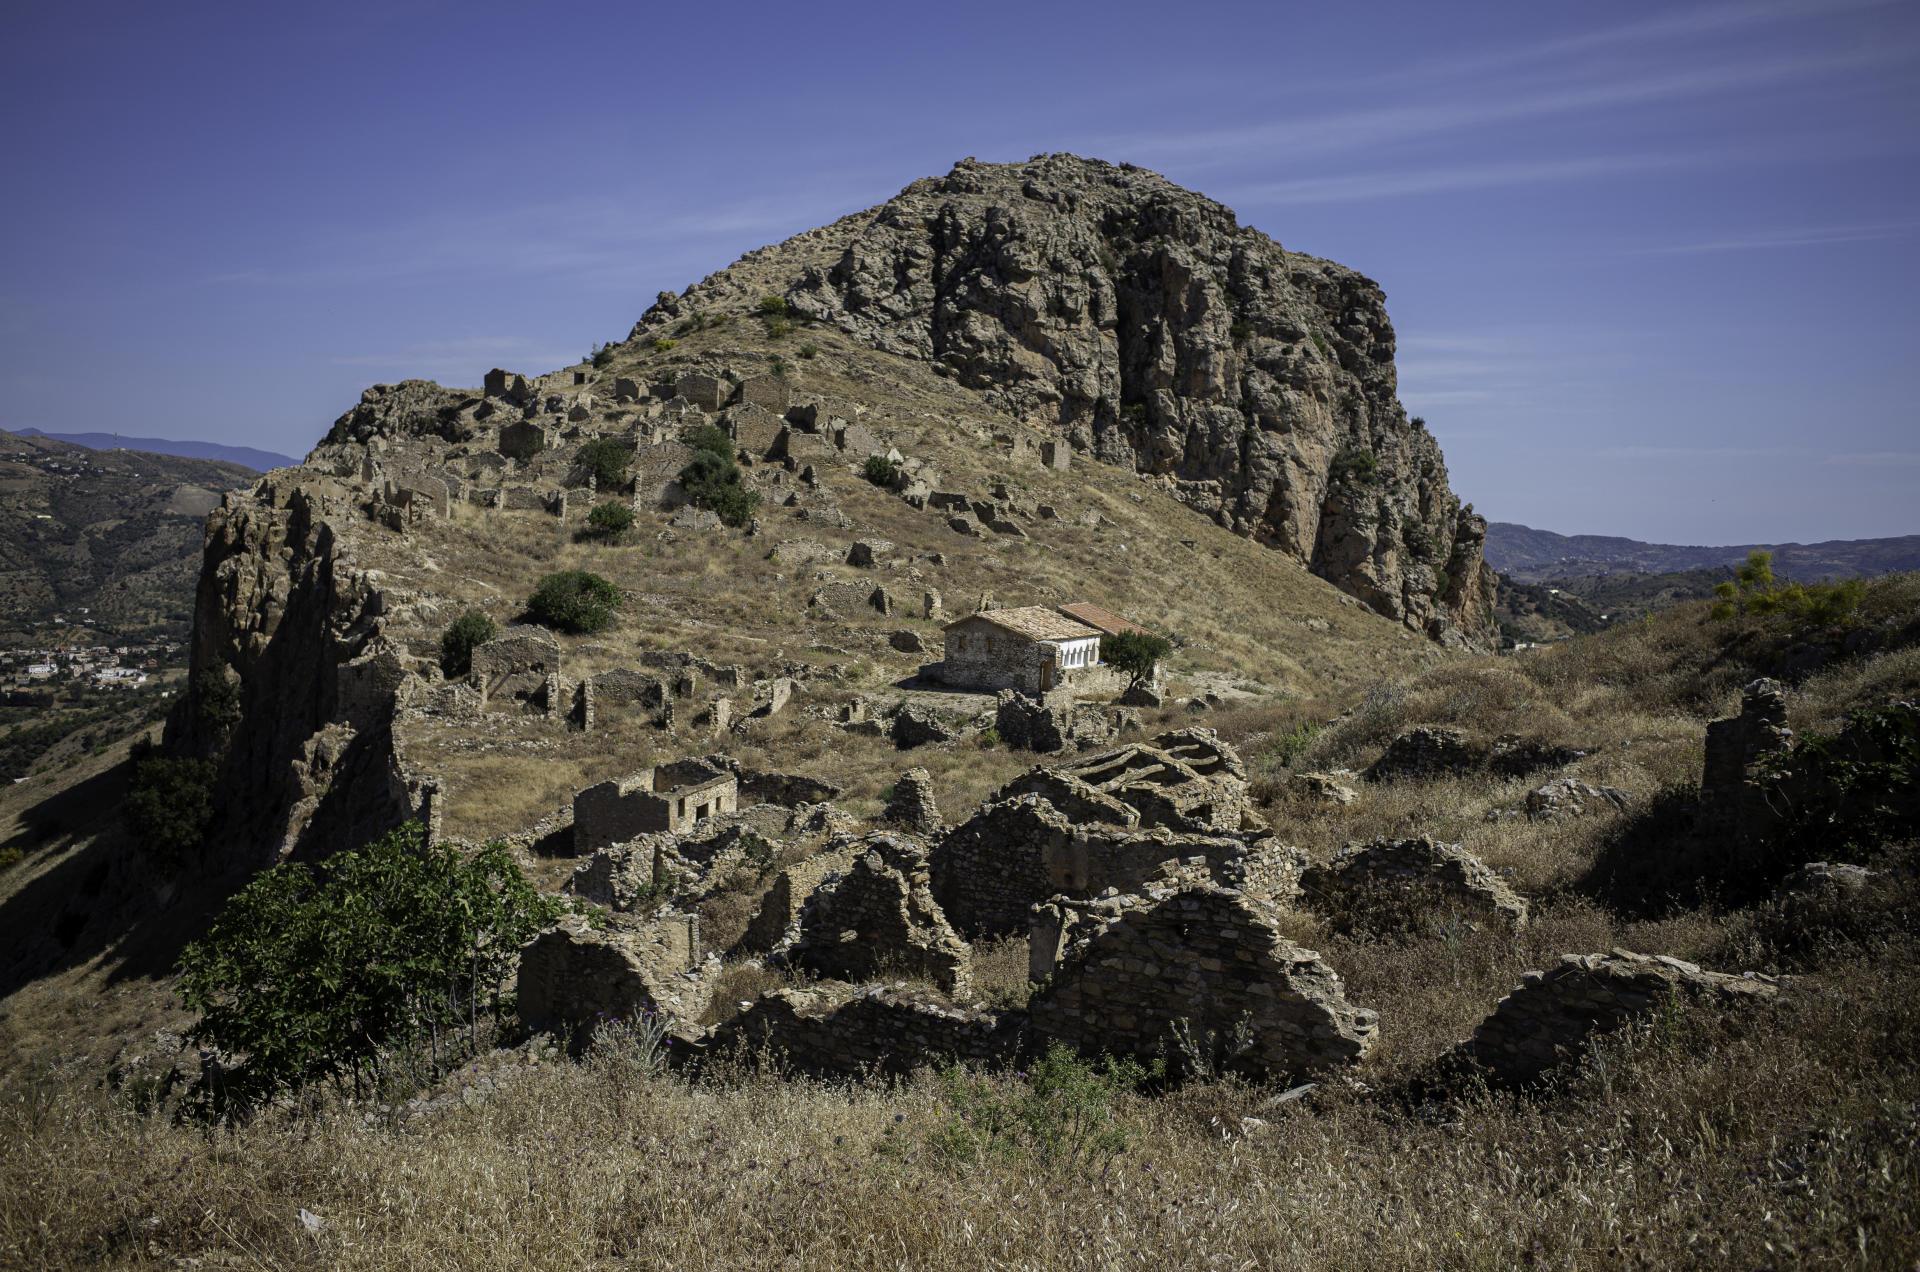 Village abondonné, Eldjabia Nath Khiar, commune de Béni Maouche, Béjaïa, Algérie, le 10 juin 2021